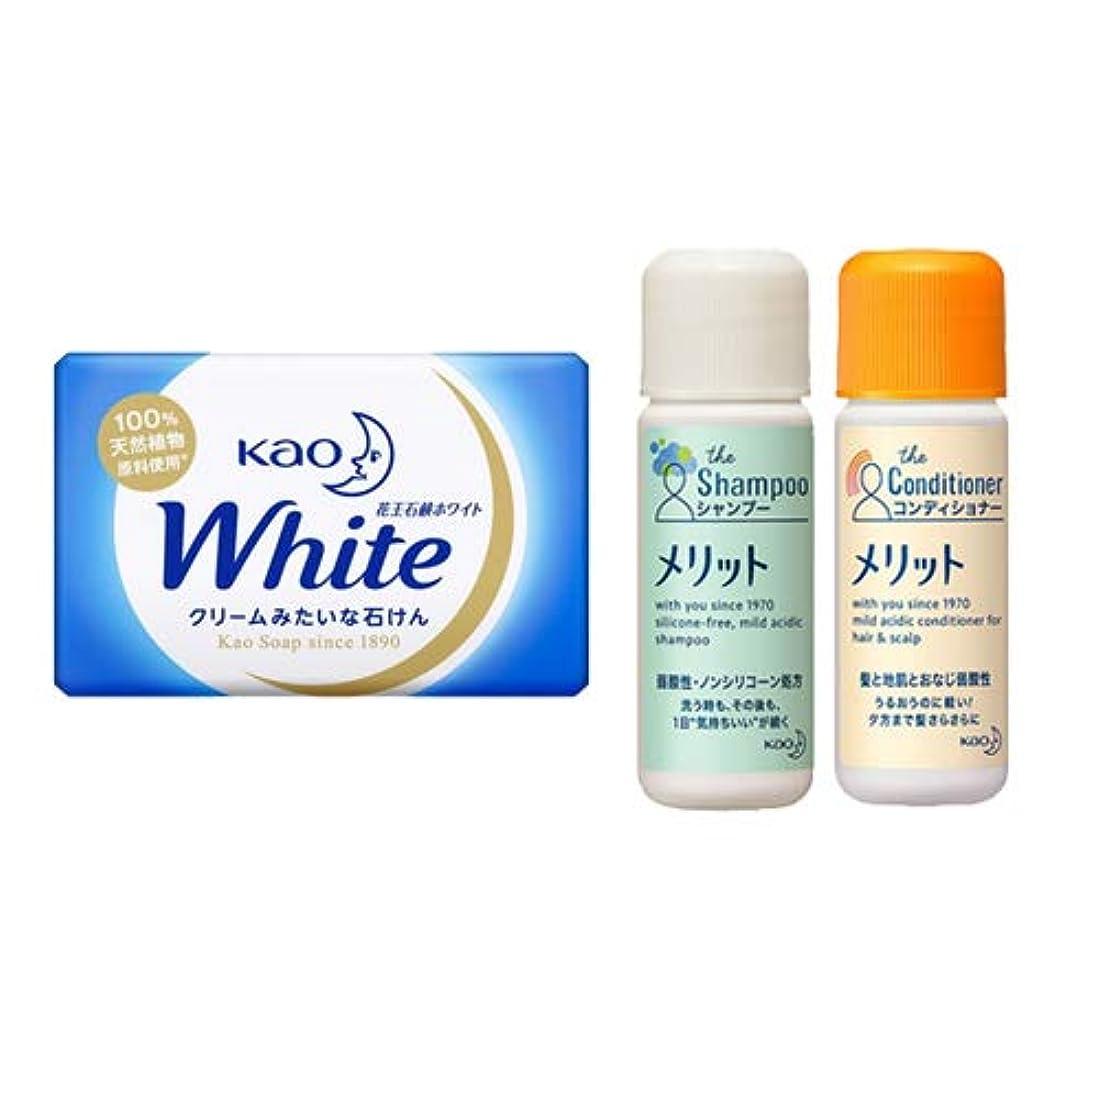 レイアウト恋人オーケストラ花王(KAO) 石鹸ホワイト(Kao Soap White) 15g + メリットシャンプー 16ml + リンス 16ml セット